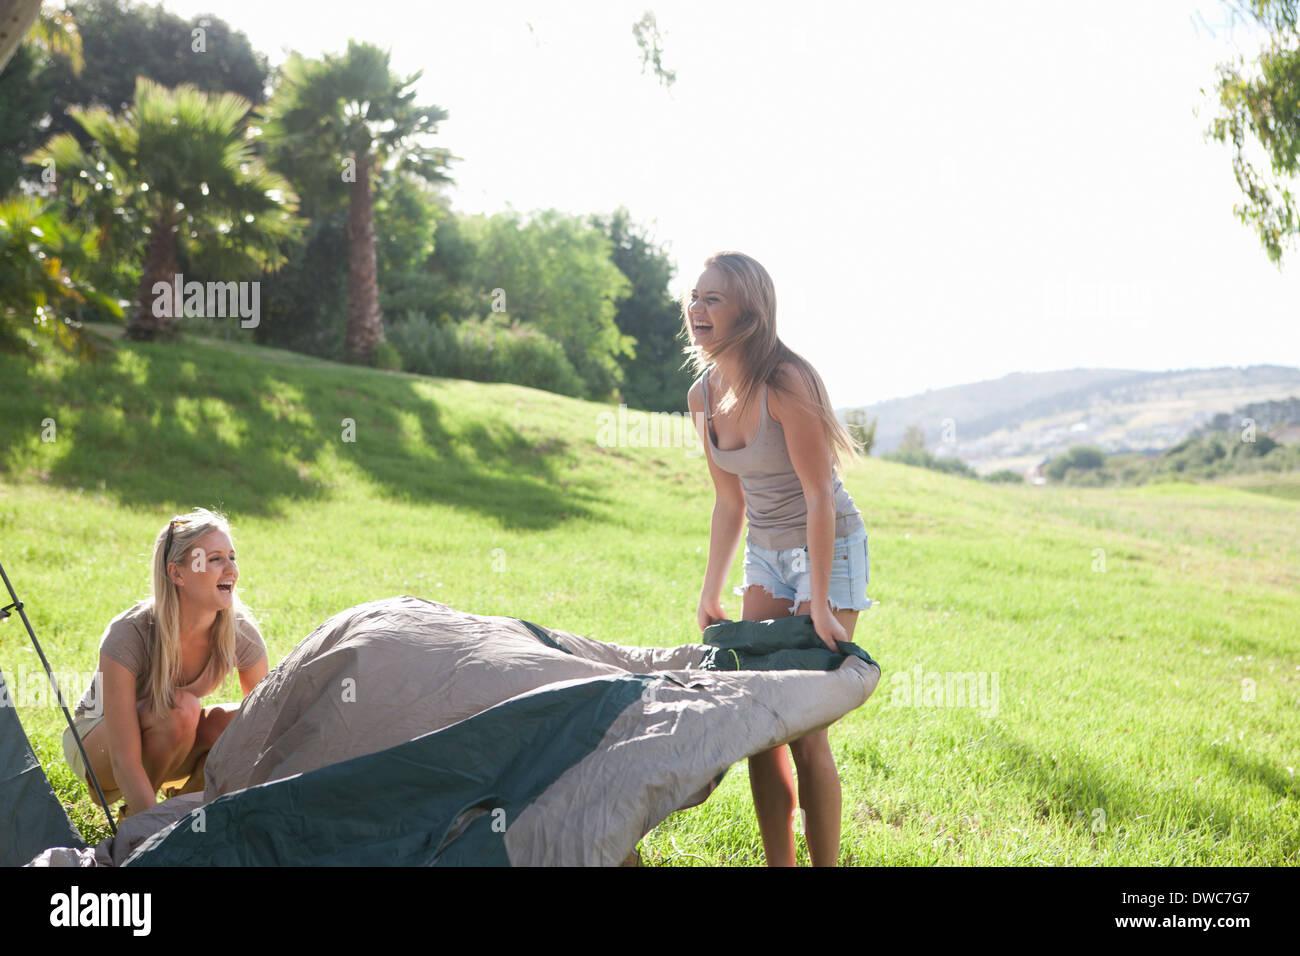 Dos hembras jóvenes amigos desenvolver carpa Imagen De Stock